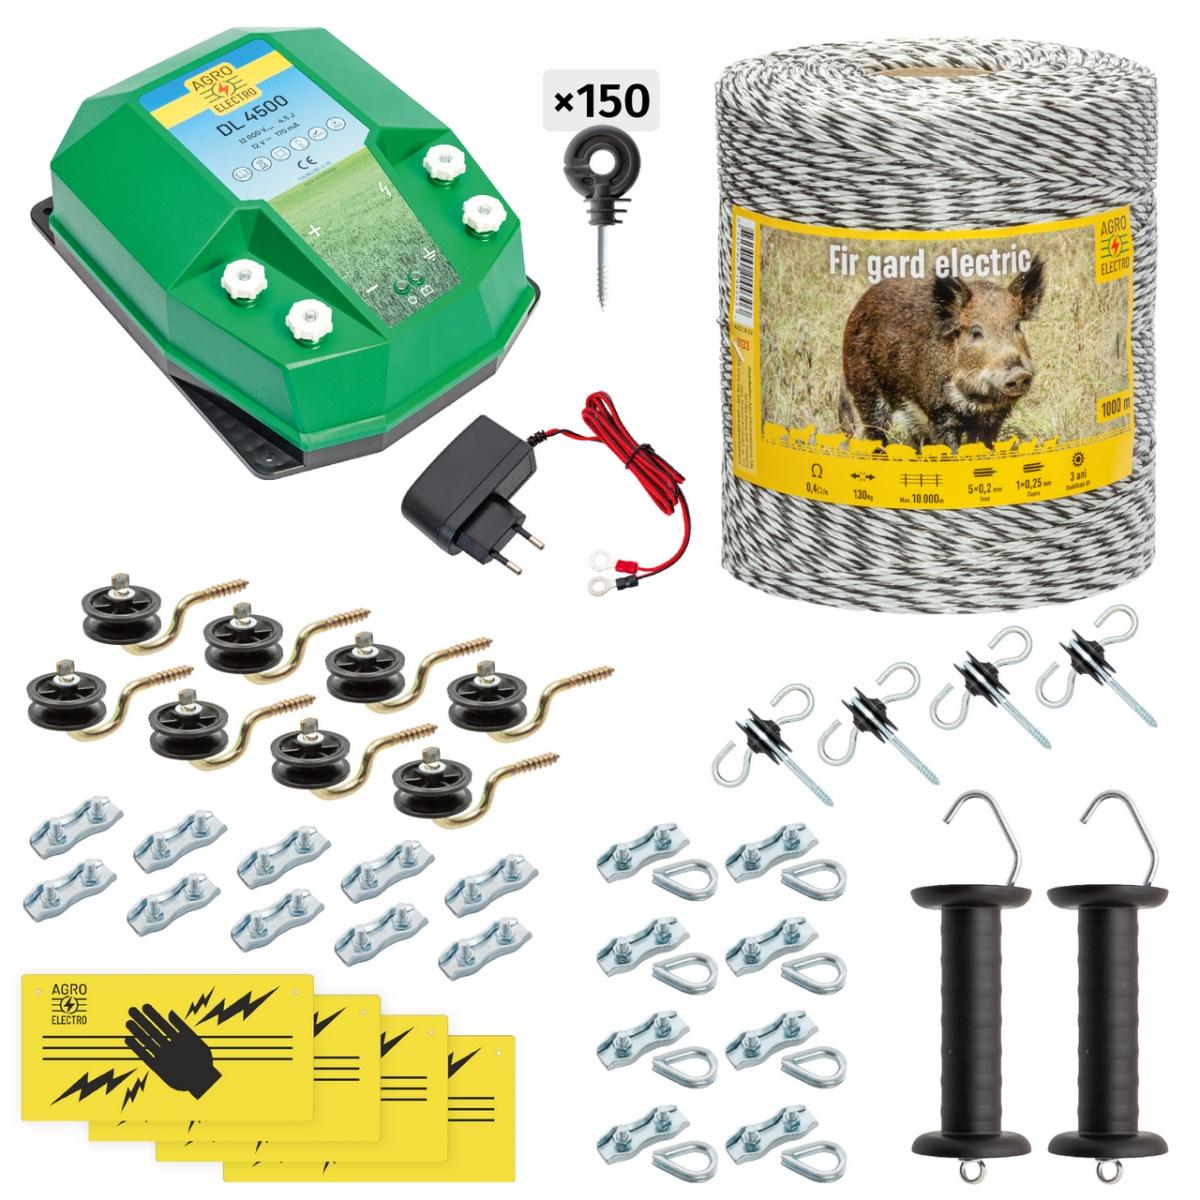 Teljes villanypásztor csomag vadállatoknak, 1000m, 4,5Joule, 230V